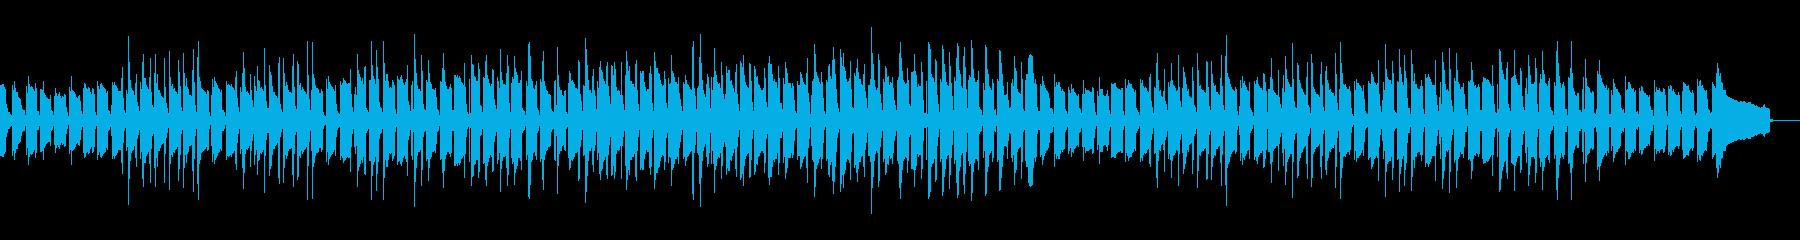 ほのぼのした癒しの日常BGMの再生済みの波形